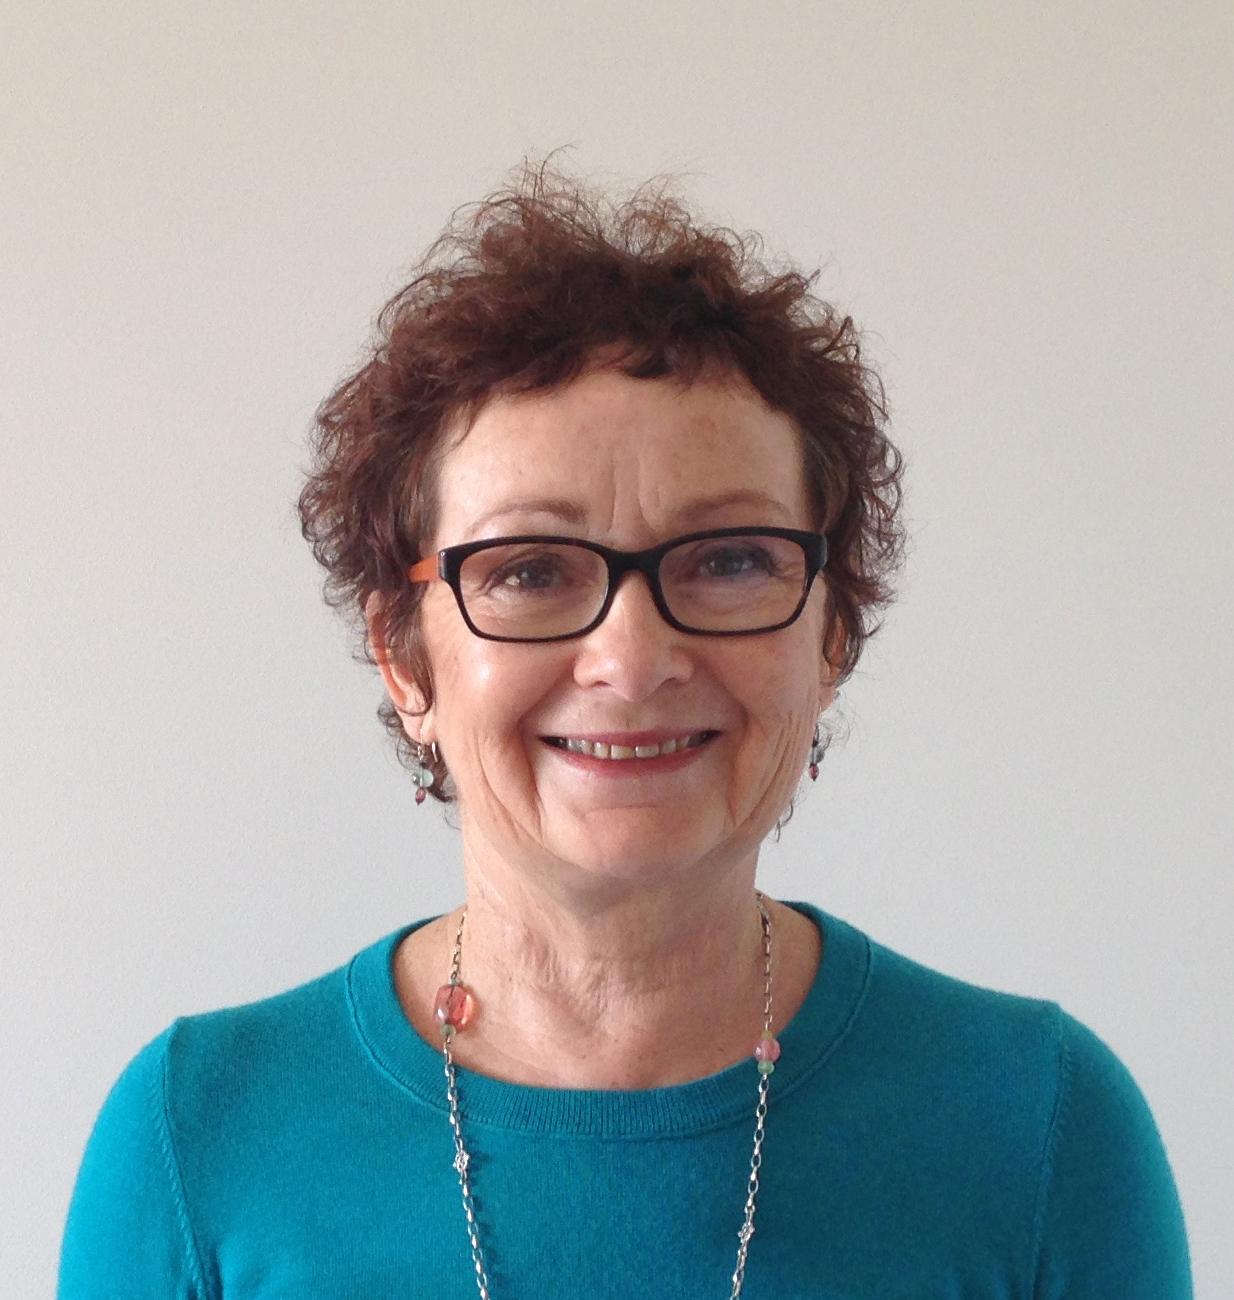 Leonie Sinclair, Psychologist